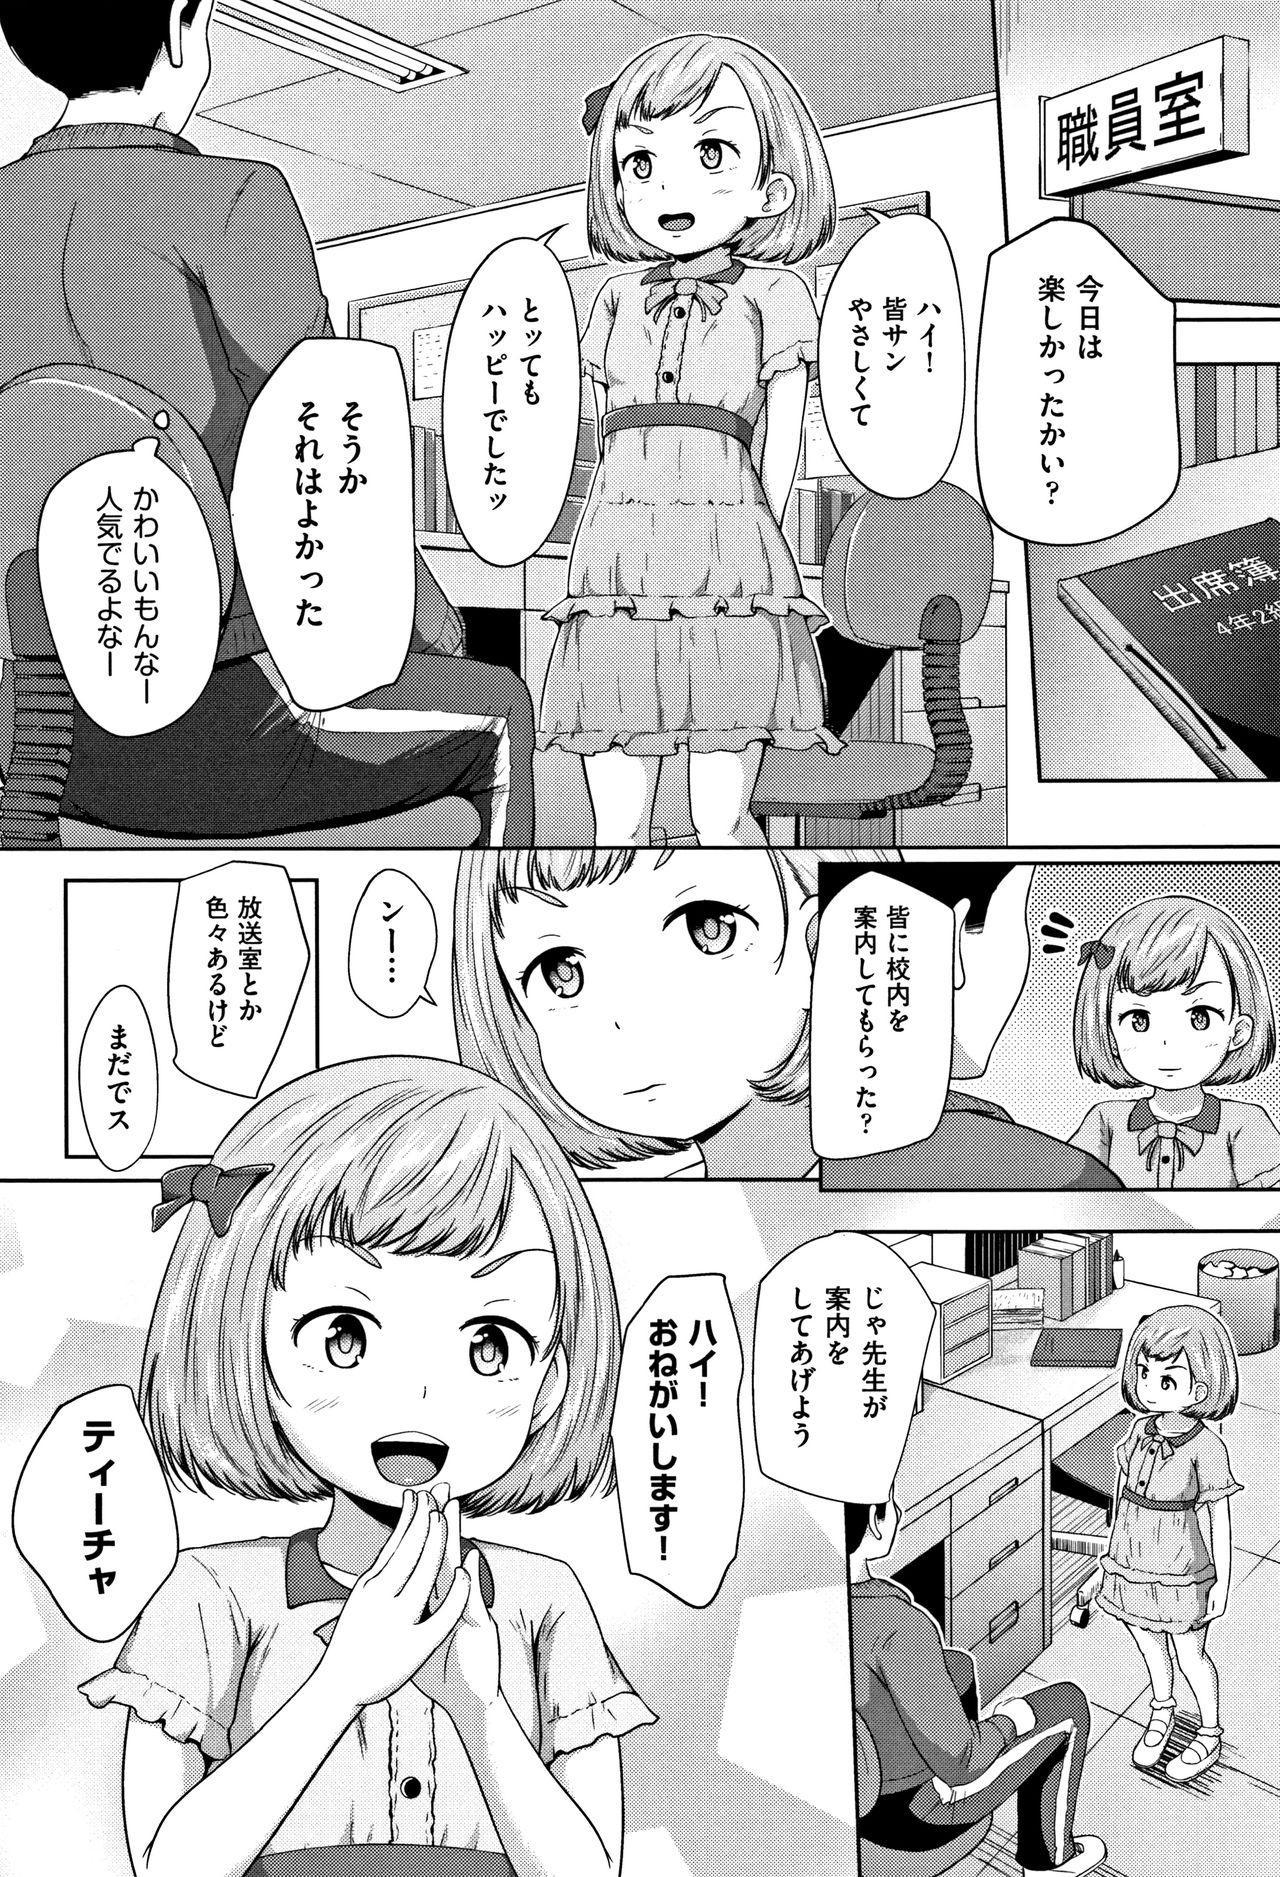 Loli Dokoro 68